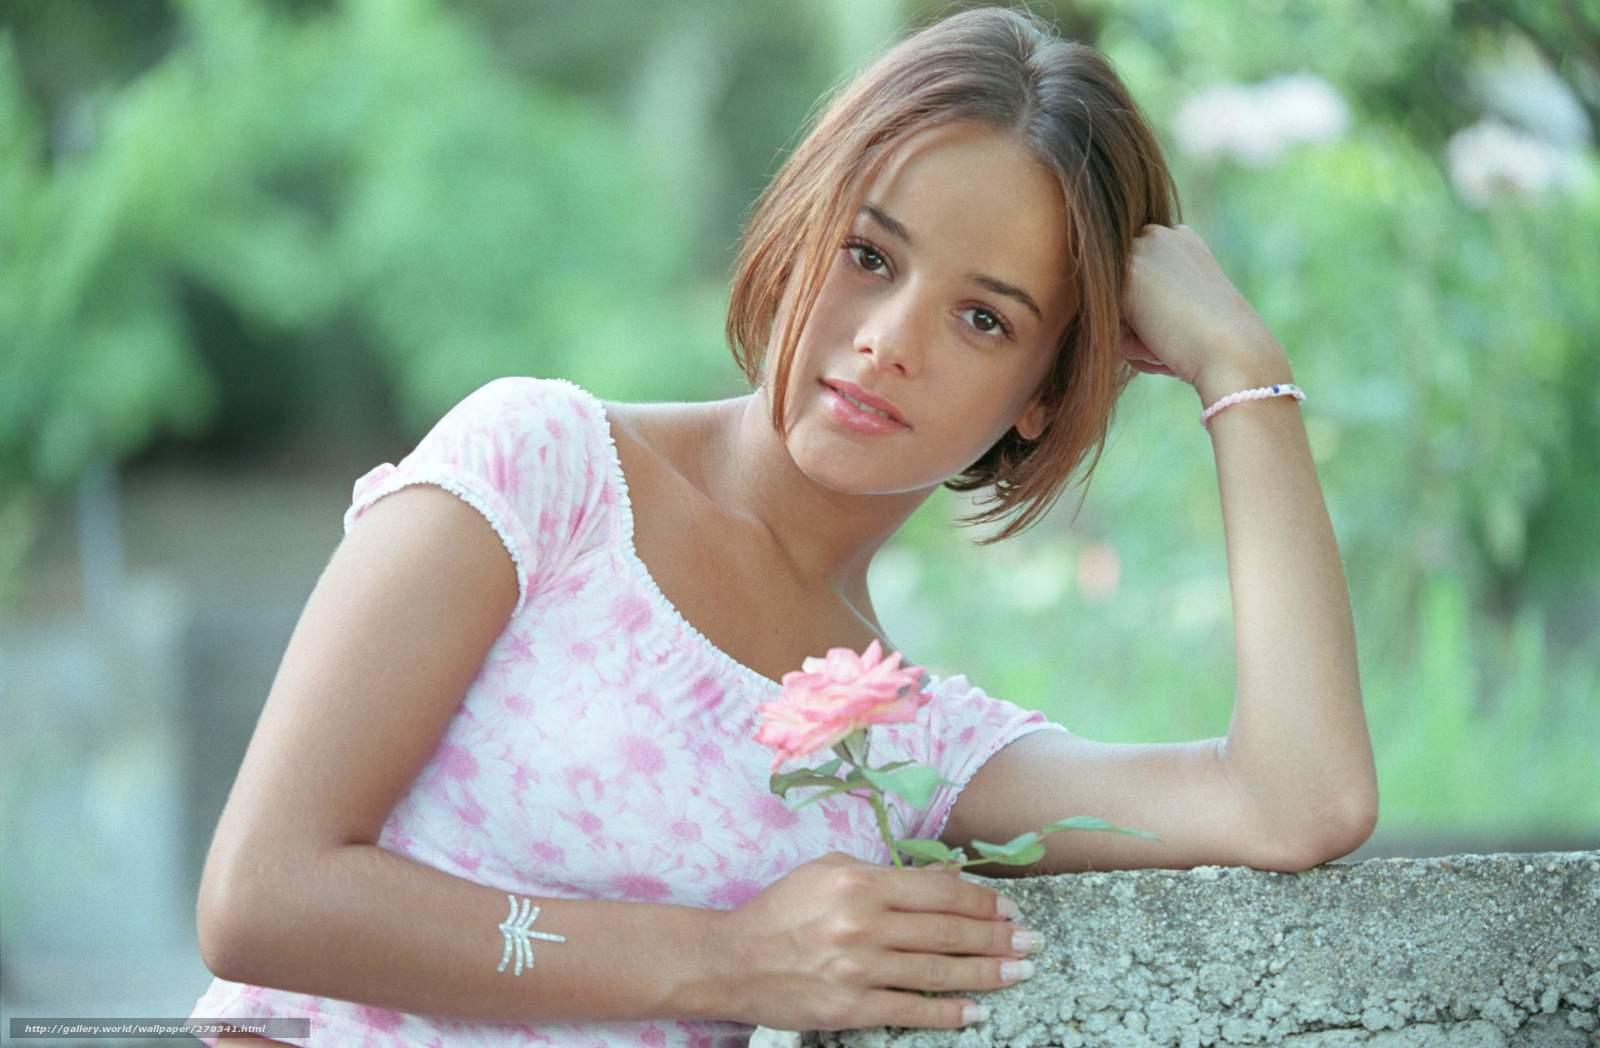 Эротика молодые девочки смотреть 12 фотография